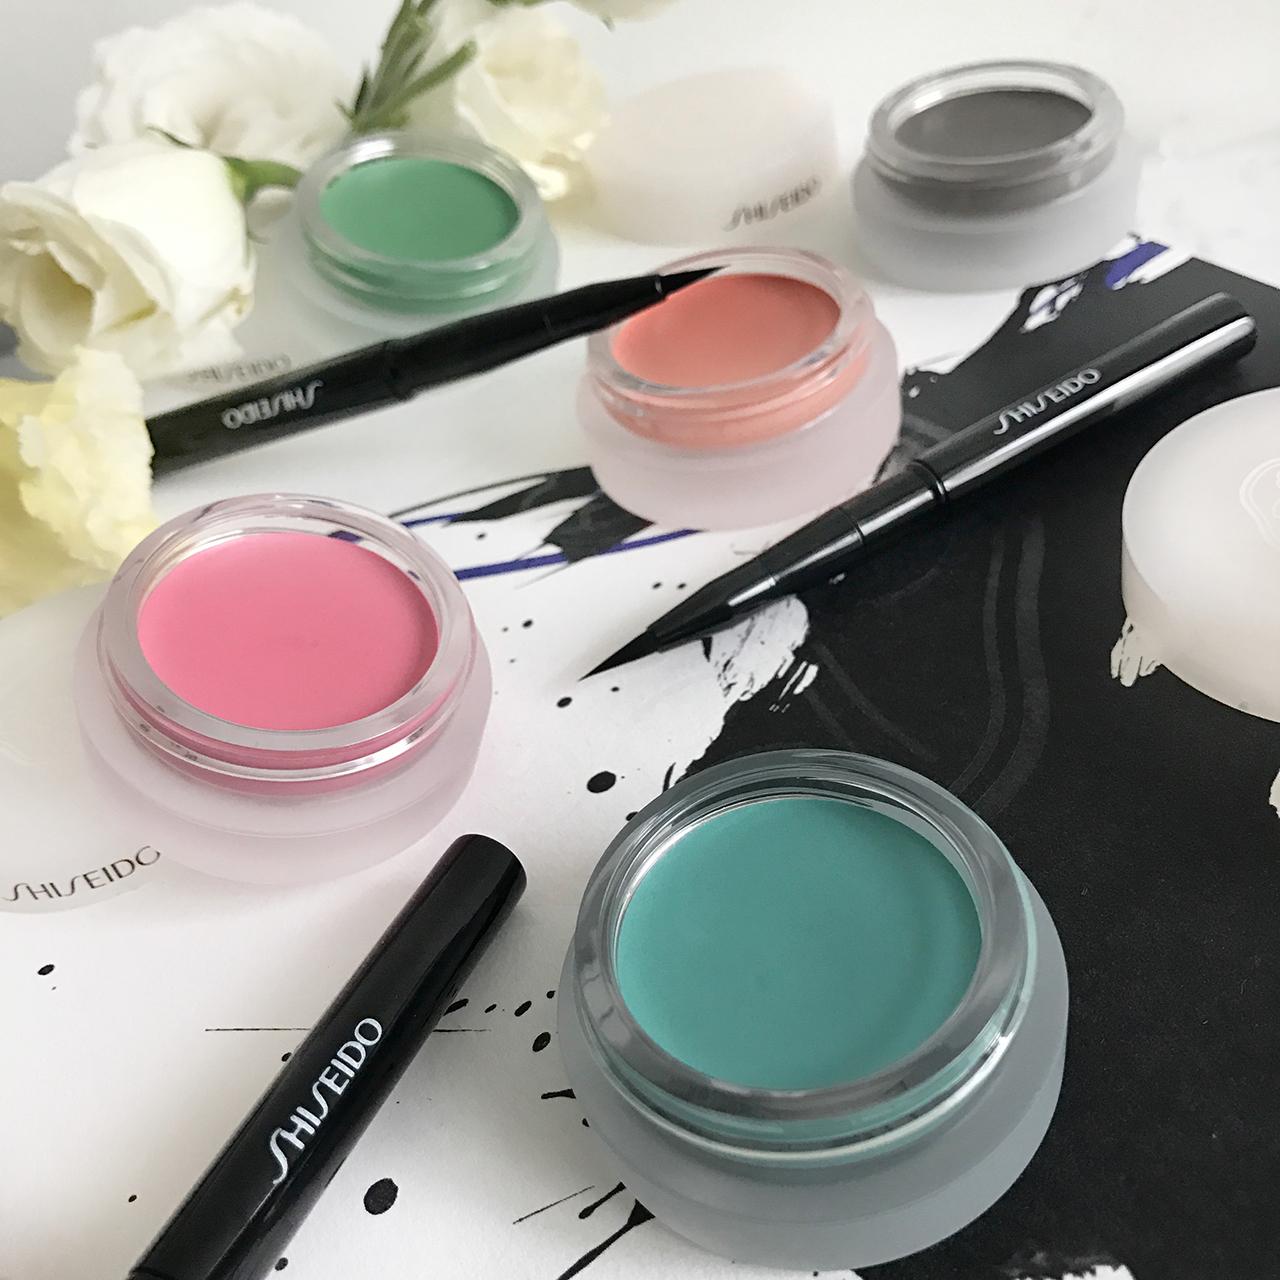 Shiseido Paperlight Cream Eye Color for Fall 2017